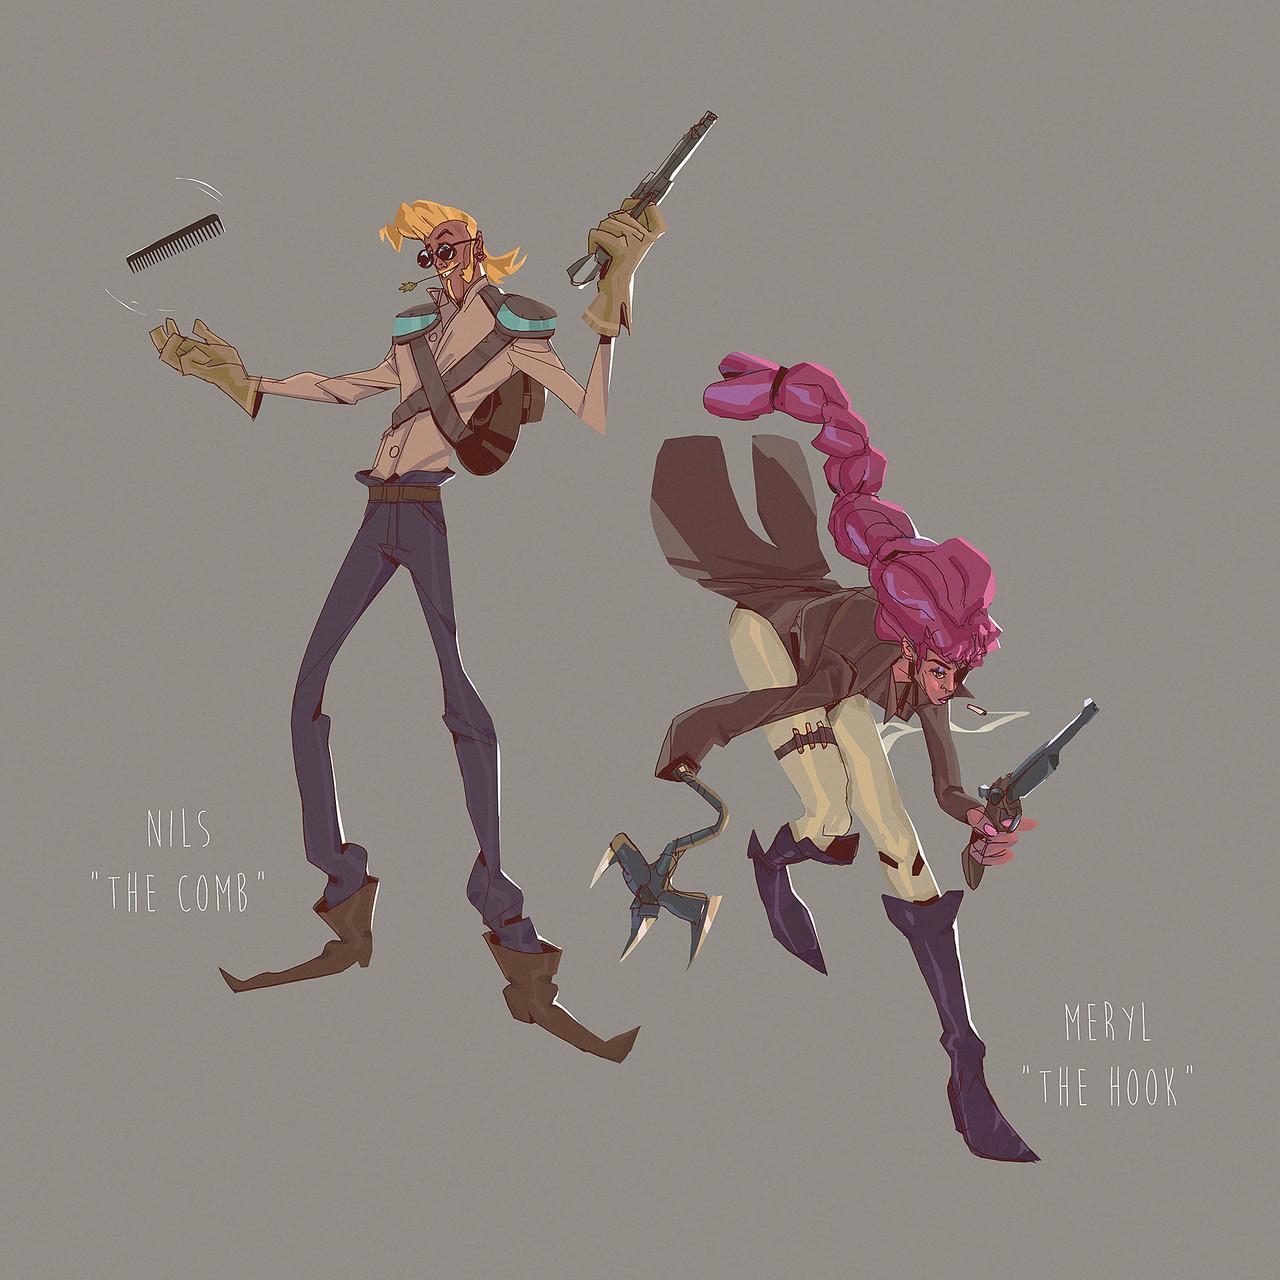 ๑۩۞۩๑ b o u r o u n e ๑۩۞۩๑ - Page 5 Gunslingers